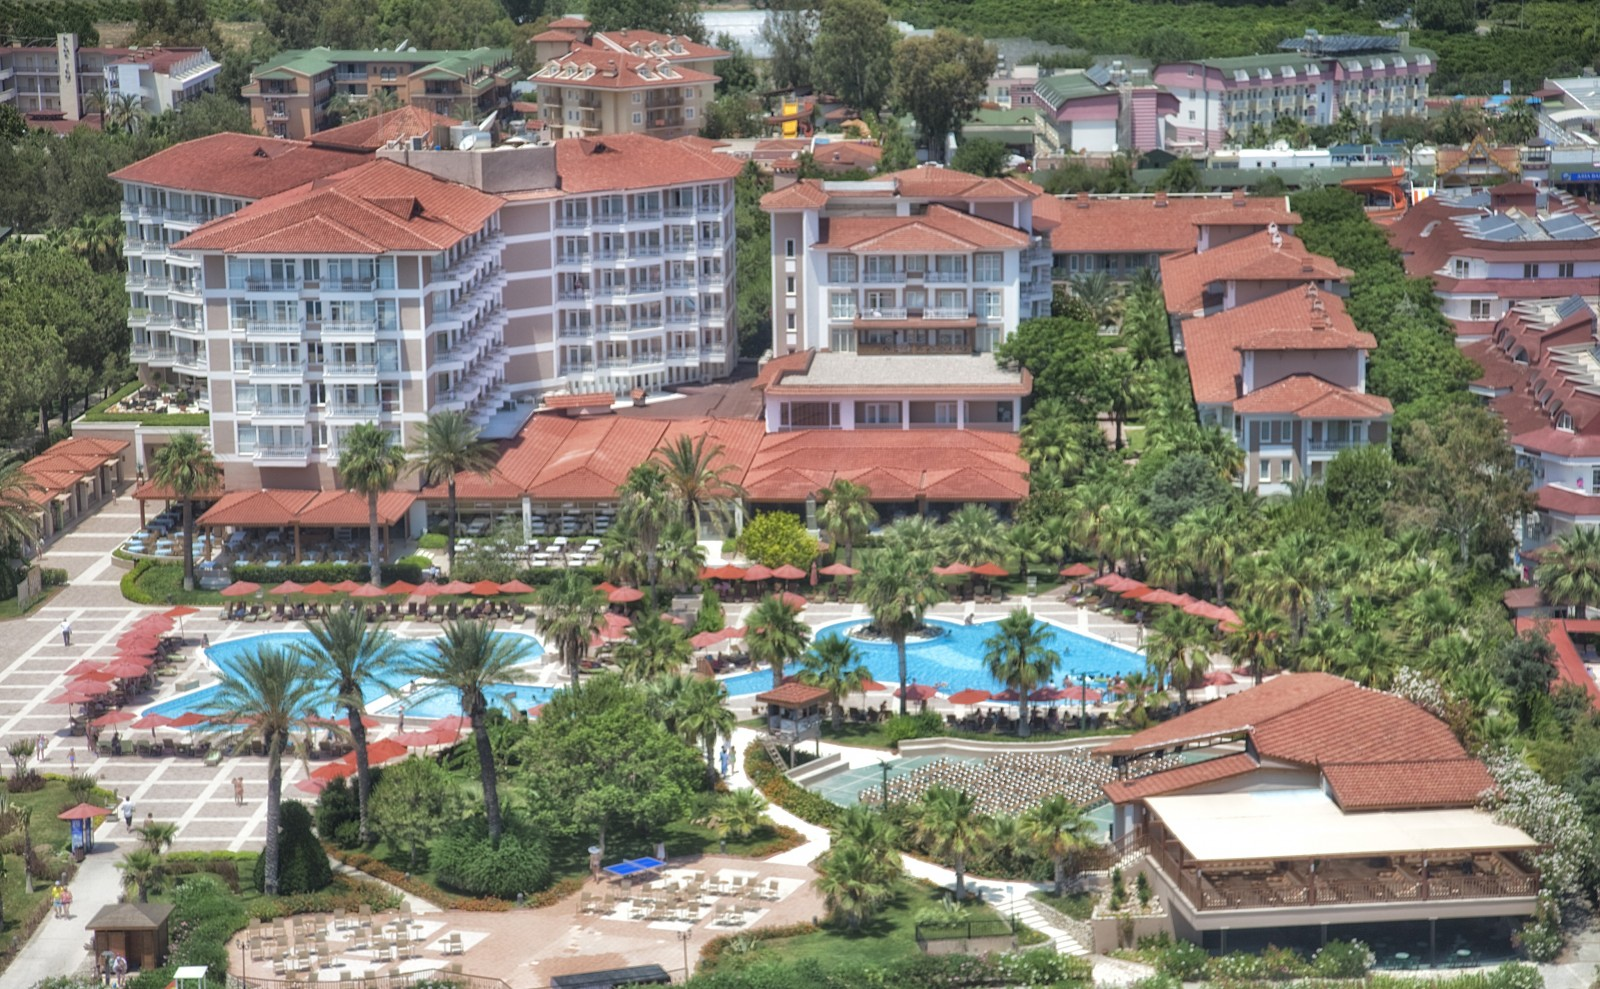 Отель Акка Алинда 5* (Akka Alinda Hotel 5*) в Кемере